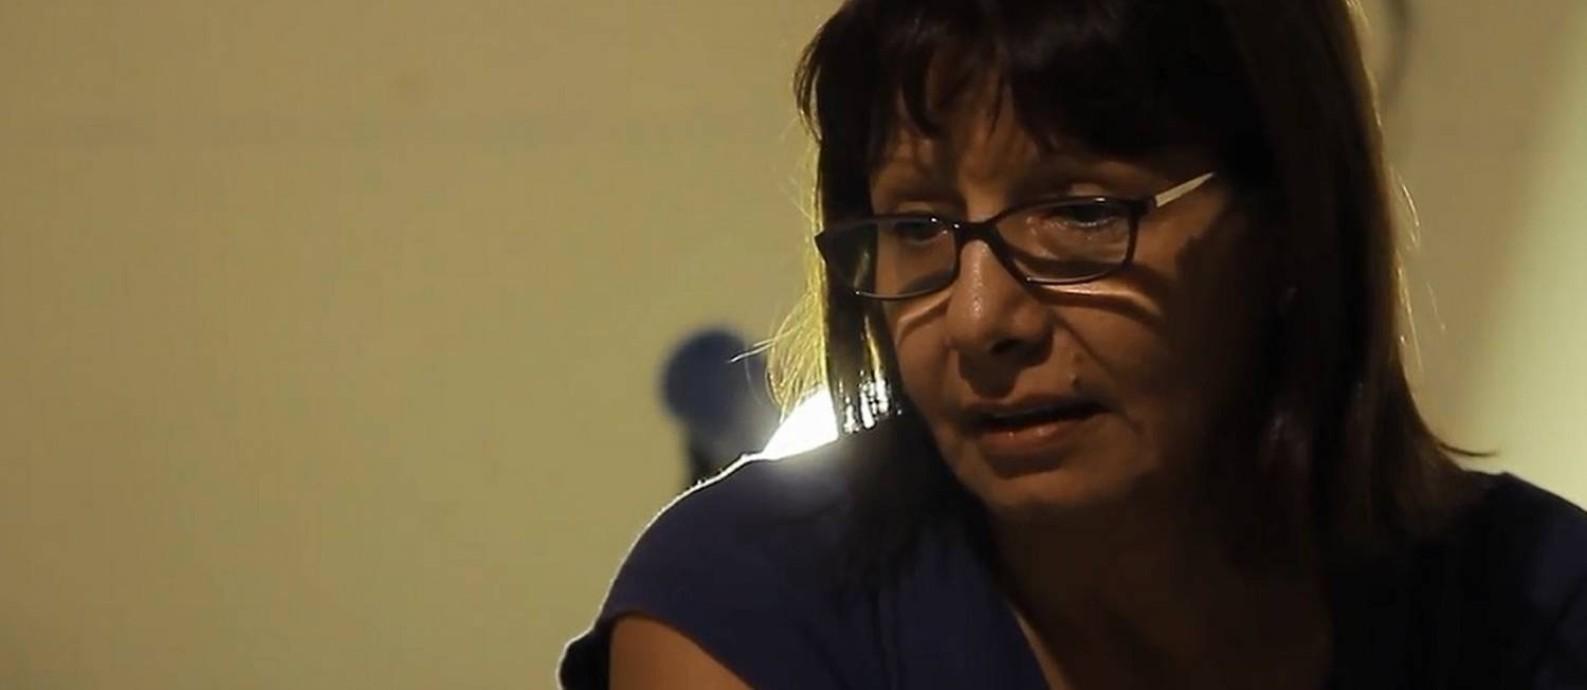 O pacto de Adriana Foto: Divulgação